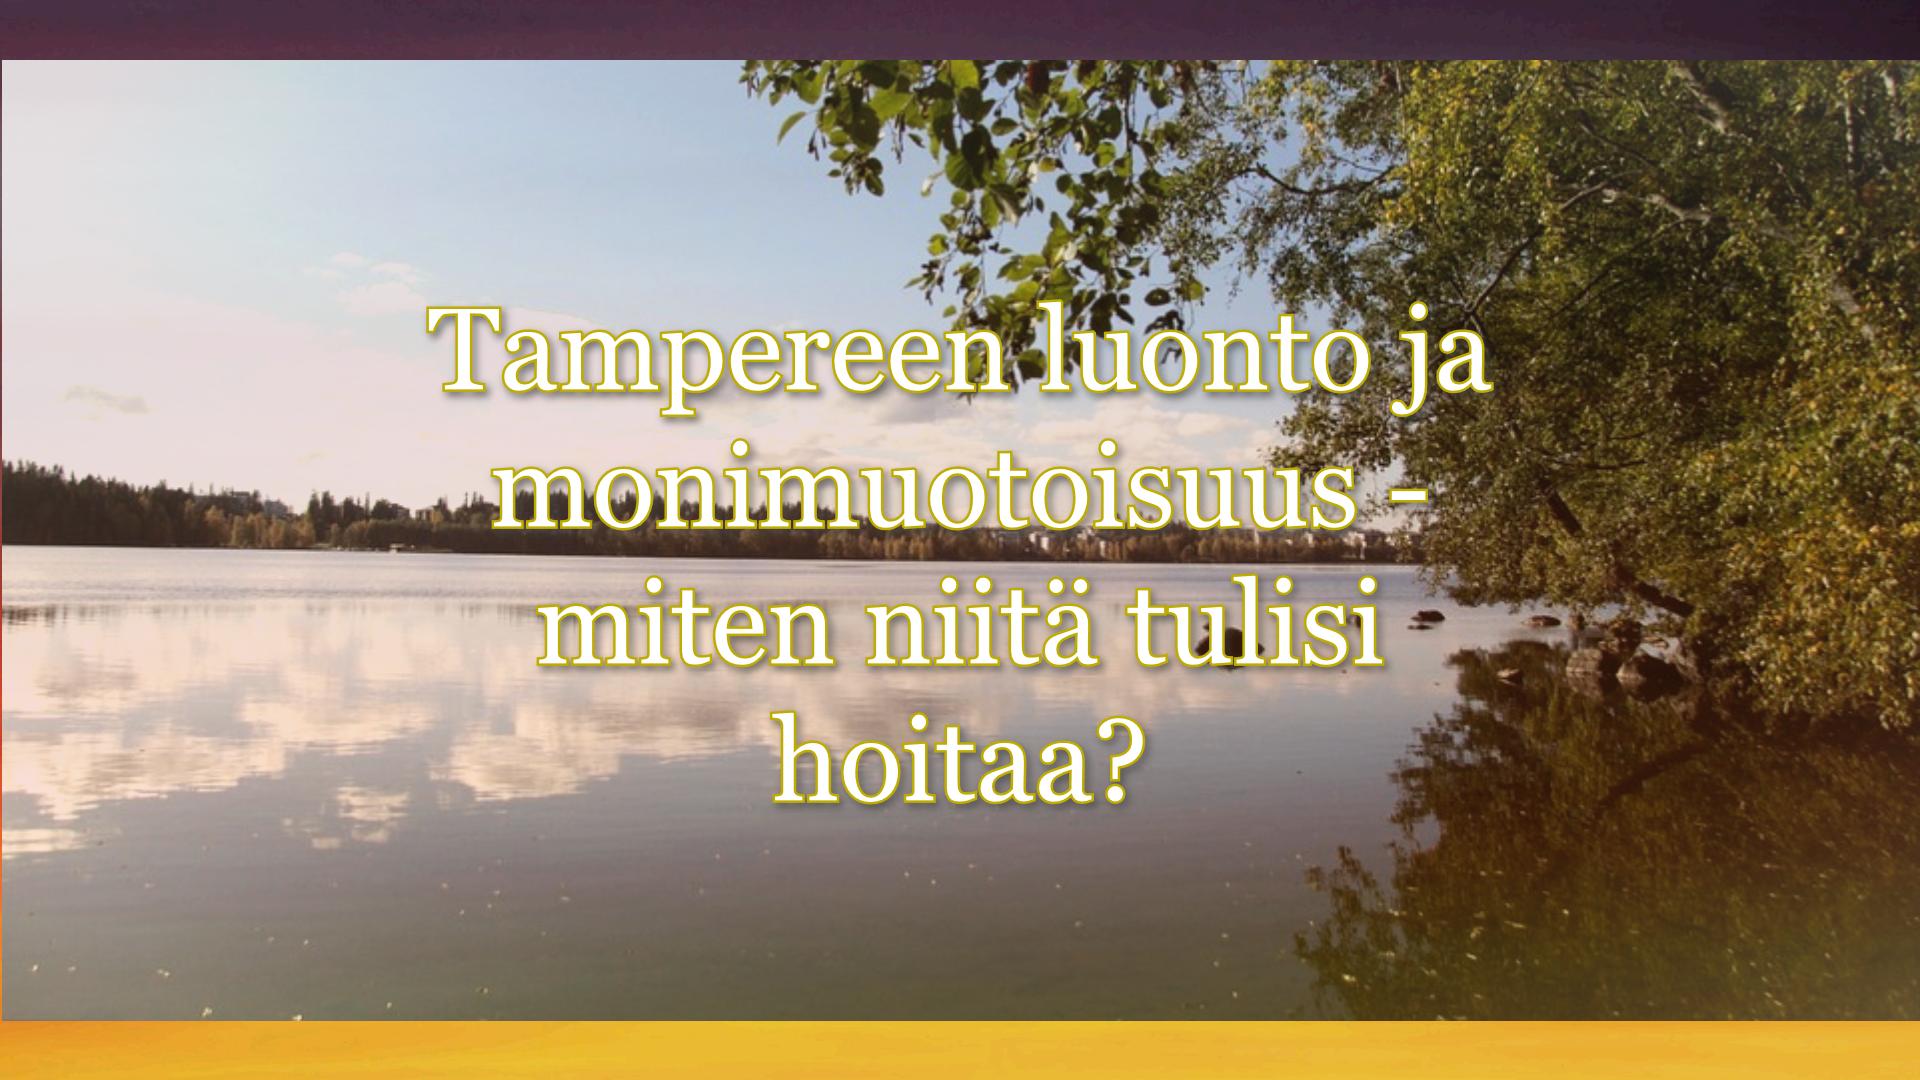 Tampereen luonto ja monimuotoisuus – kaupunkilaisen näkökulma Osallistu keskusteluun!